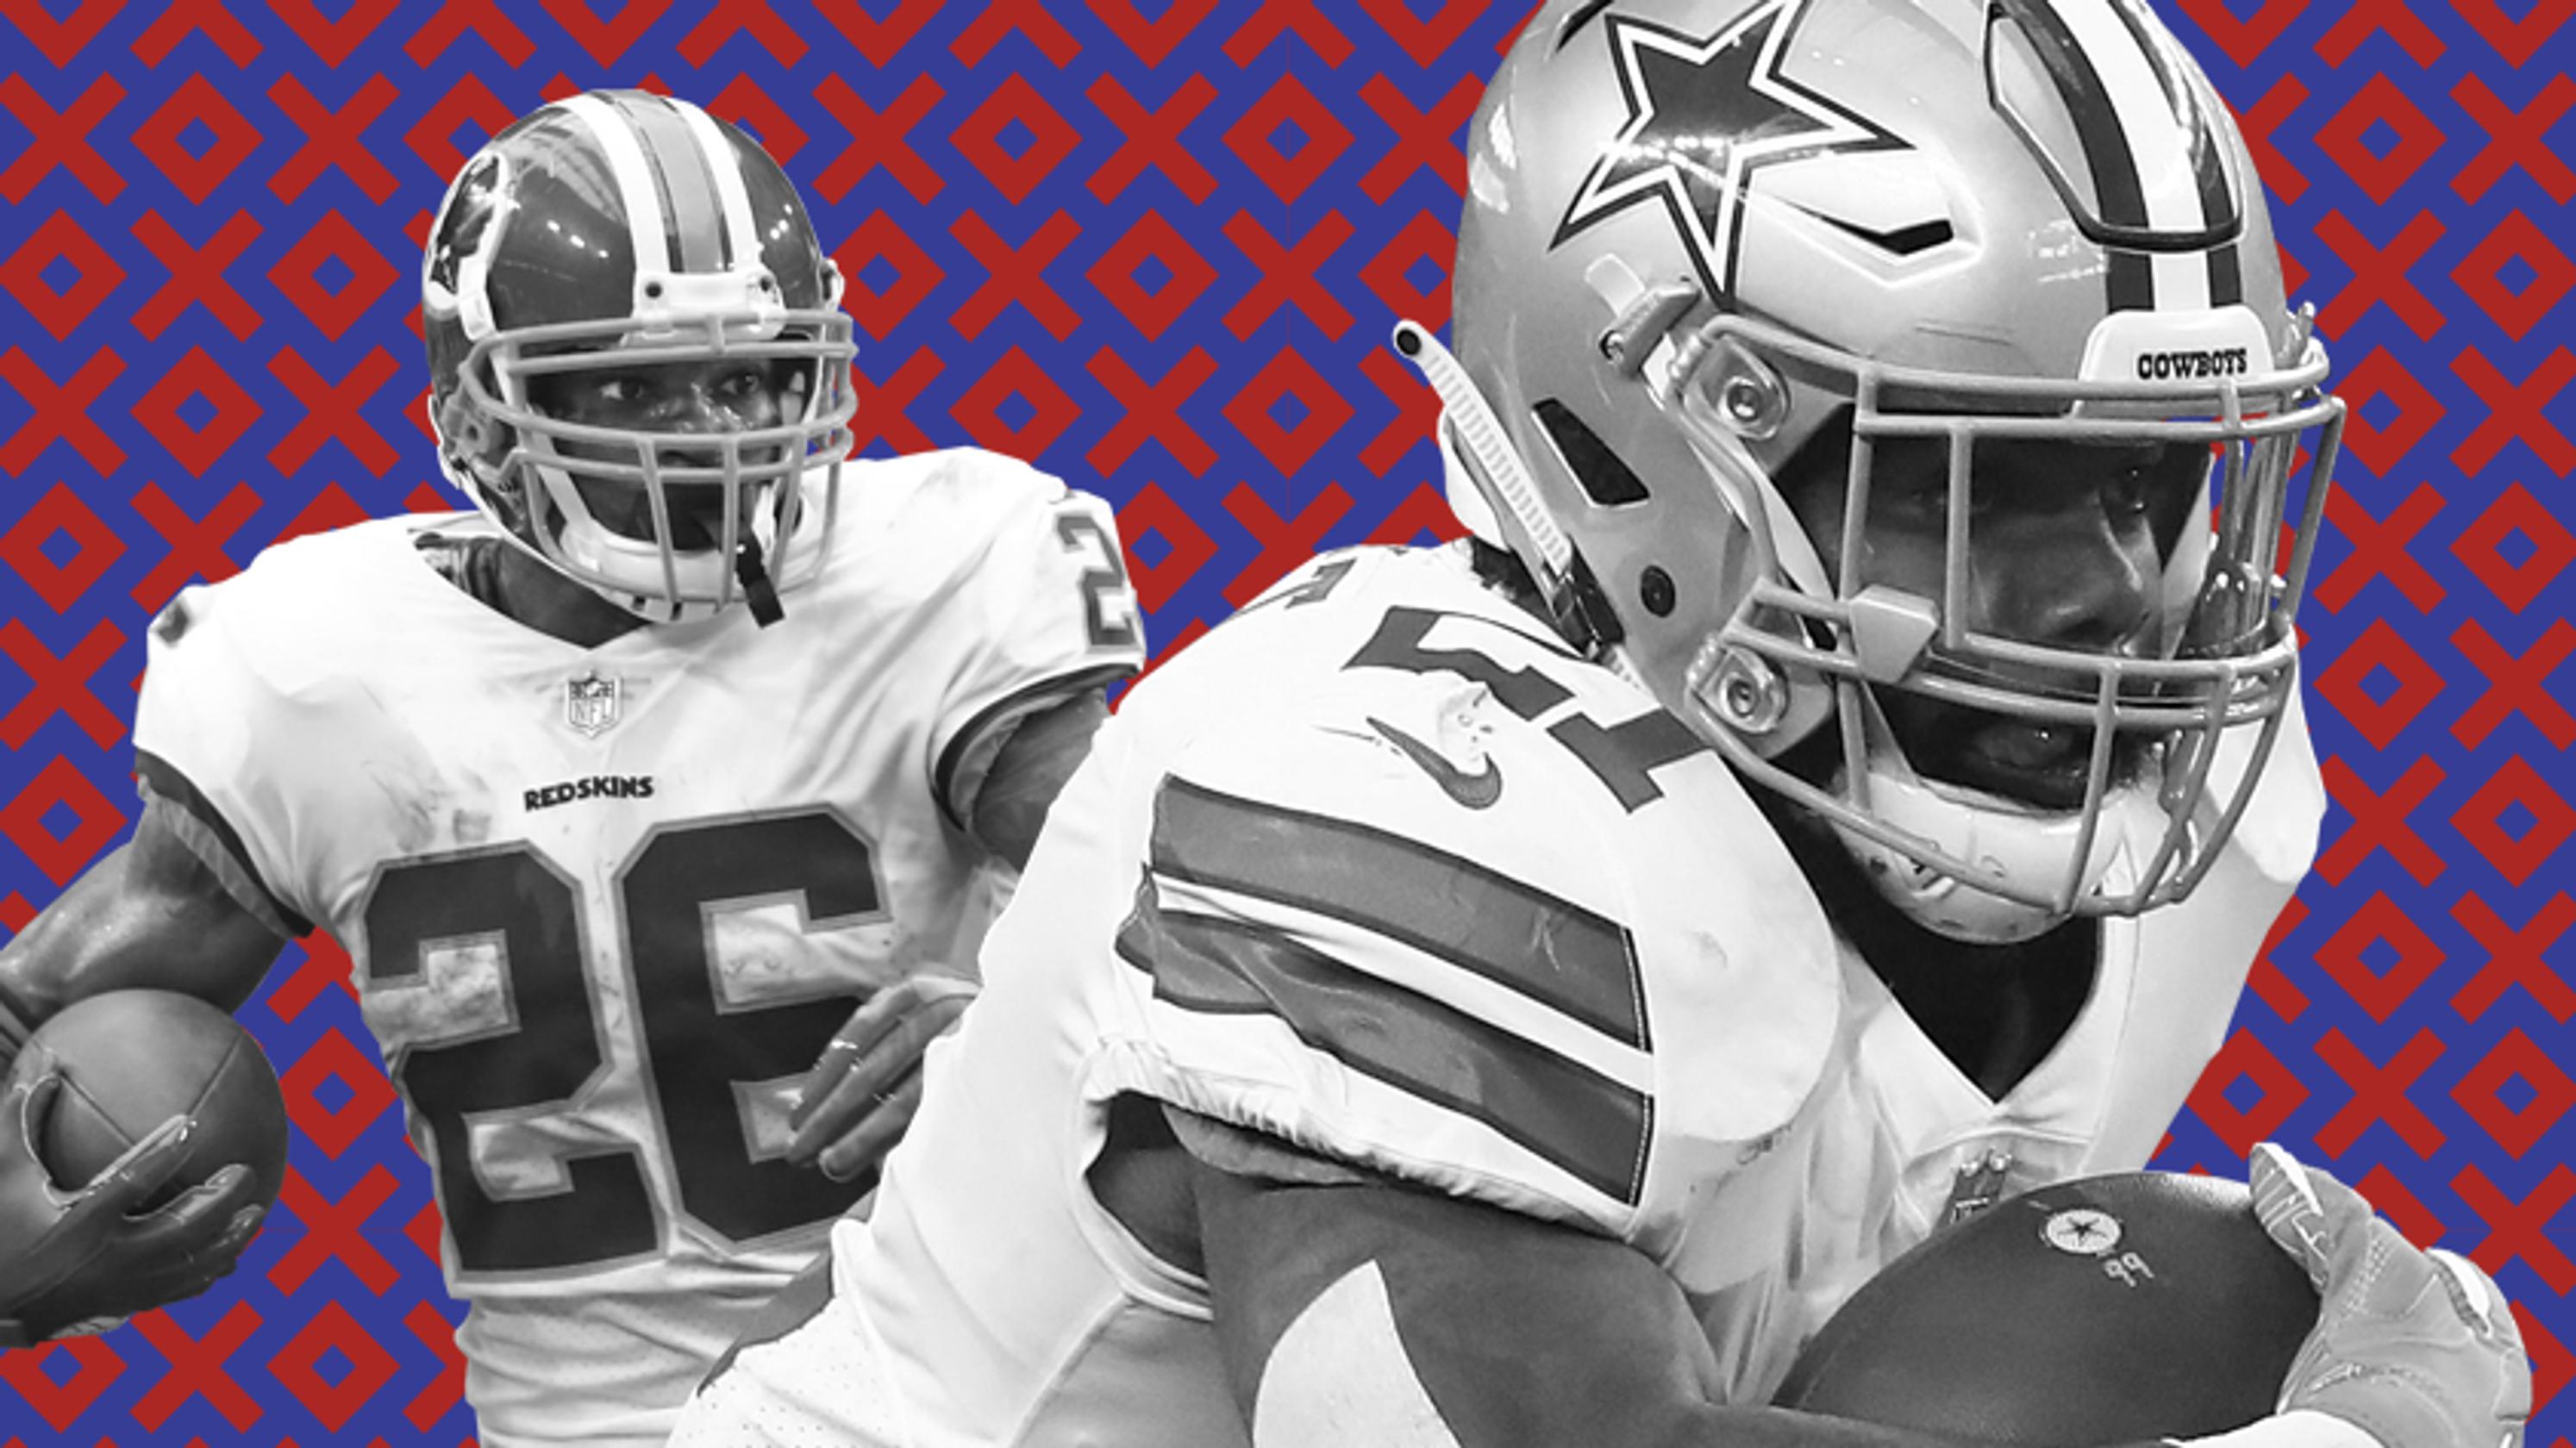 Semana 7 do Sports Today dos EUA escolhe o NFL: Cowboys ou